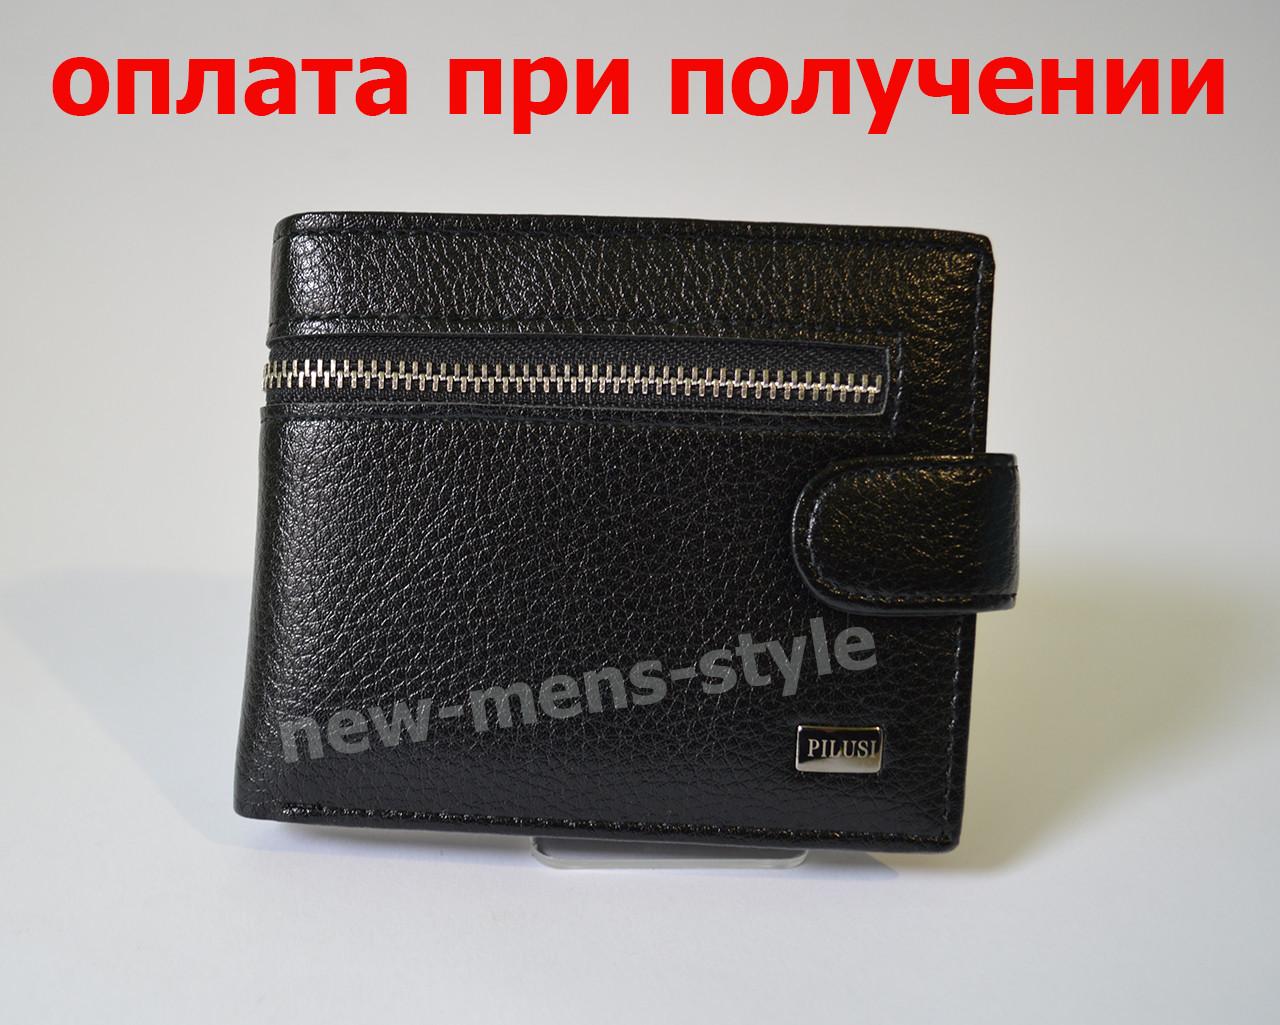 Мужской кожаный кошелек портмоне гаманець бумажник PILUSI купить